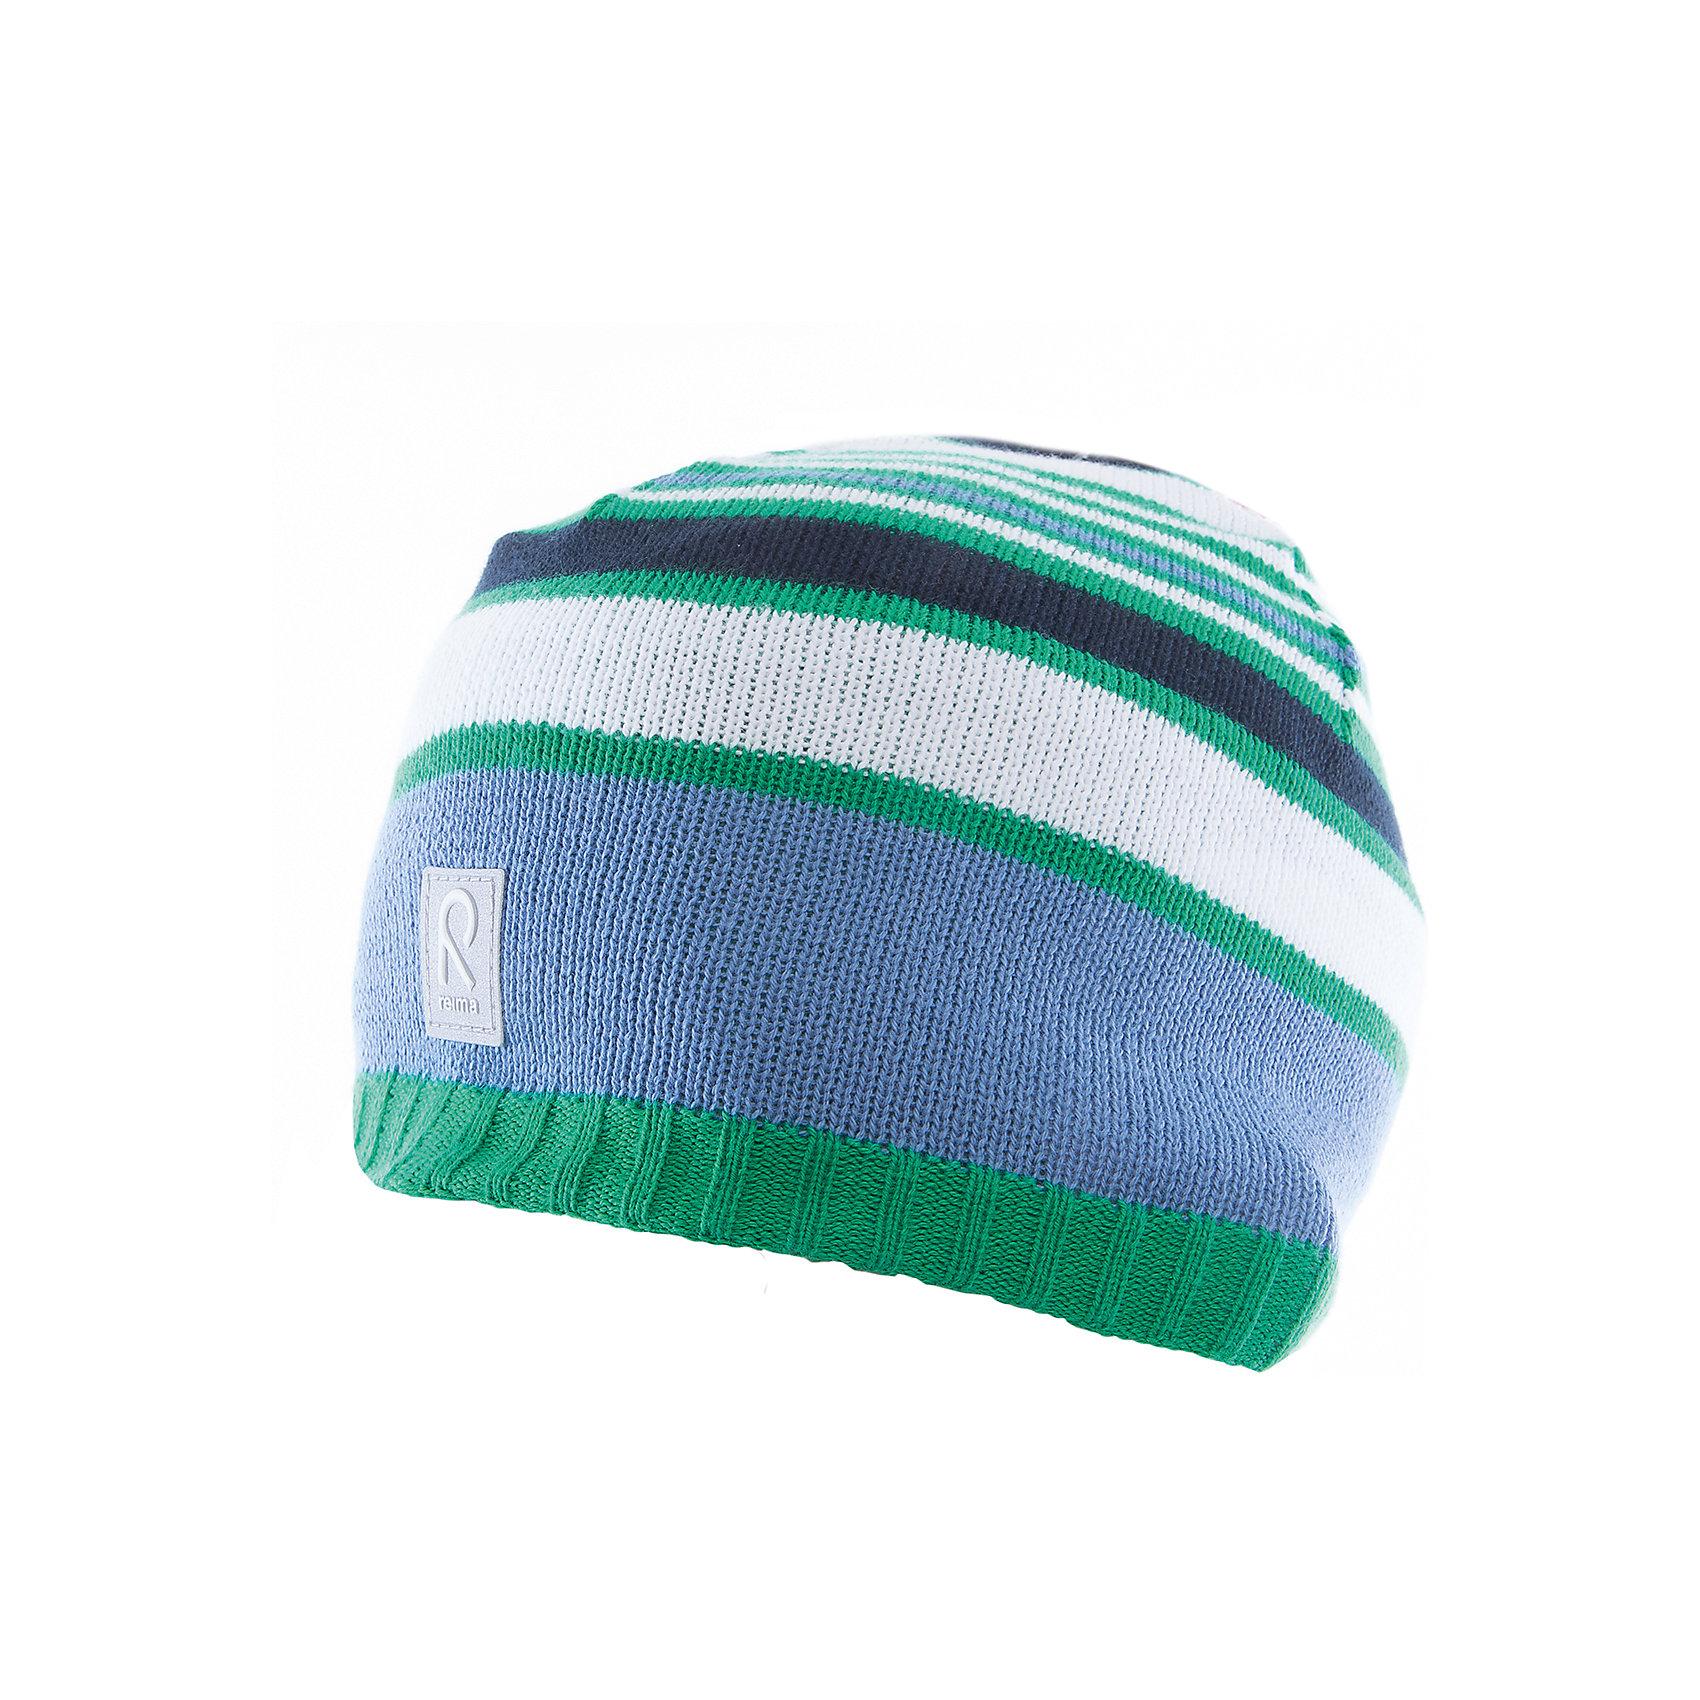 Шапка ReimaШапки и шарфы<br>Характеристики товара:<br><br>• цвет: голубой/зелёный<br>• состав: 100% хлопок<br>• полуподкладка: хлопковый трикотаж<br>• температурный режим: от 0С до +15С<br>• эластичный хлопковый трикотаж<br>• изделие сертифицированно по стандарту Oeko-Tex на продукцию класса 2 - одежда, контактирующая с кожей<br>• ветронепроницаемые вставки в области ушей<br>• эмблема Reima спереди<br>• светоотражающая эмблема спереди<br>• страна бренда: Финляндия<br>• страна производства: Китай<br><br>Детский головной убор может быть модным и удобным одновременно! Стильная шапка поможет обеспечить ребенку комфорт и дополнить наряд. Шапка удобно сидит и аккуратно выглядит. Проста в уходе, долго служит. Стильный дизайн разрабатывался специально для детей. Отличная защита от дождя и ветра!<br><br>Уход:<br><br>• стирать по отдельности, вывернув наизнанку<br>• придать первоначальную форму вo влажном виде<br>• возможна усадка 5 %.<br><br>Шапку от финского бренда Reima (Рейма) можно купить в нашем интернет-магазине.<br><br>Ширина мм: 89<br>Глубина мм: 117<br>Высота мм: 44<br>Вес г: 155<br>Цвет: зеленый<br>Возраст от месяцев: 18<br>Возраст до месяцев: 36<br>Пол: Унисекс<br>Возраст: Детский<br>Размер: 50,52,56,54<br>SKU: 5266109